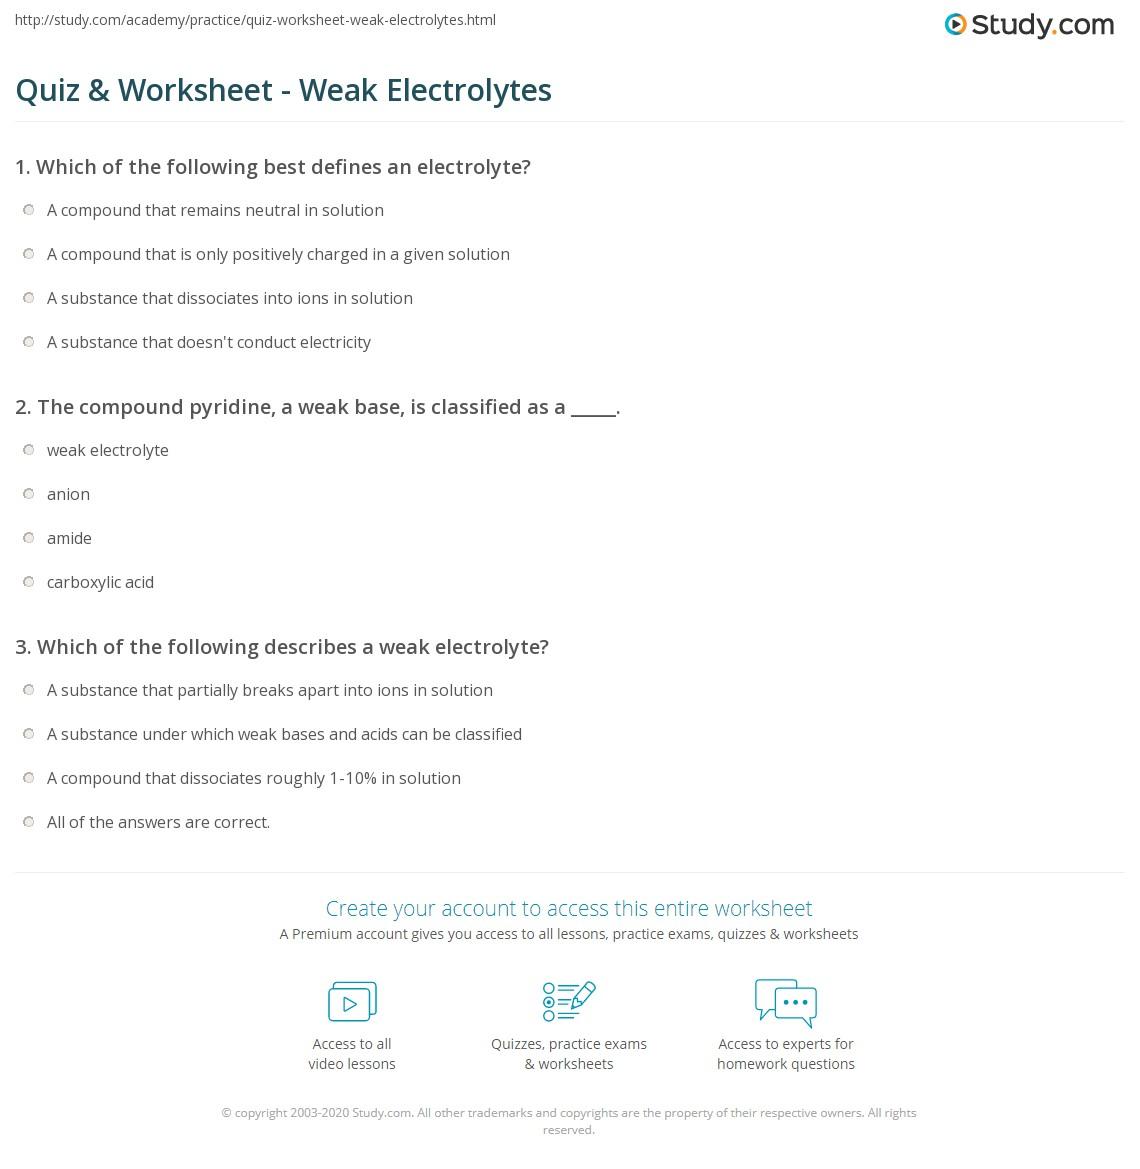 quiz worksheet weak electrolytes. Black Bedroom Furniture Sets. Home Design Ideas